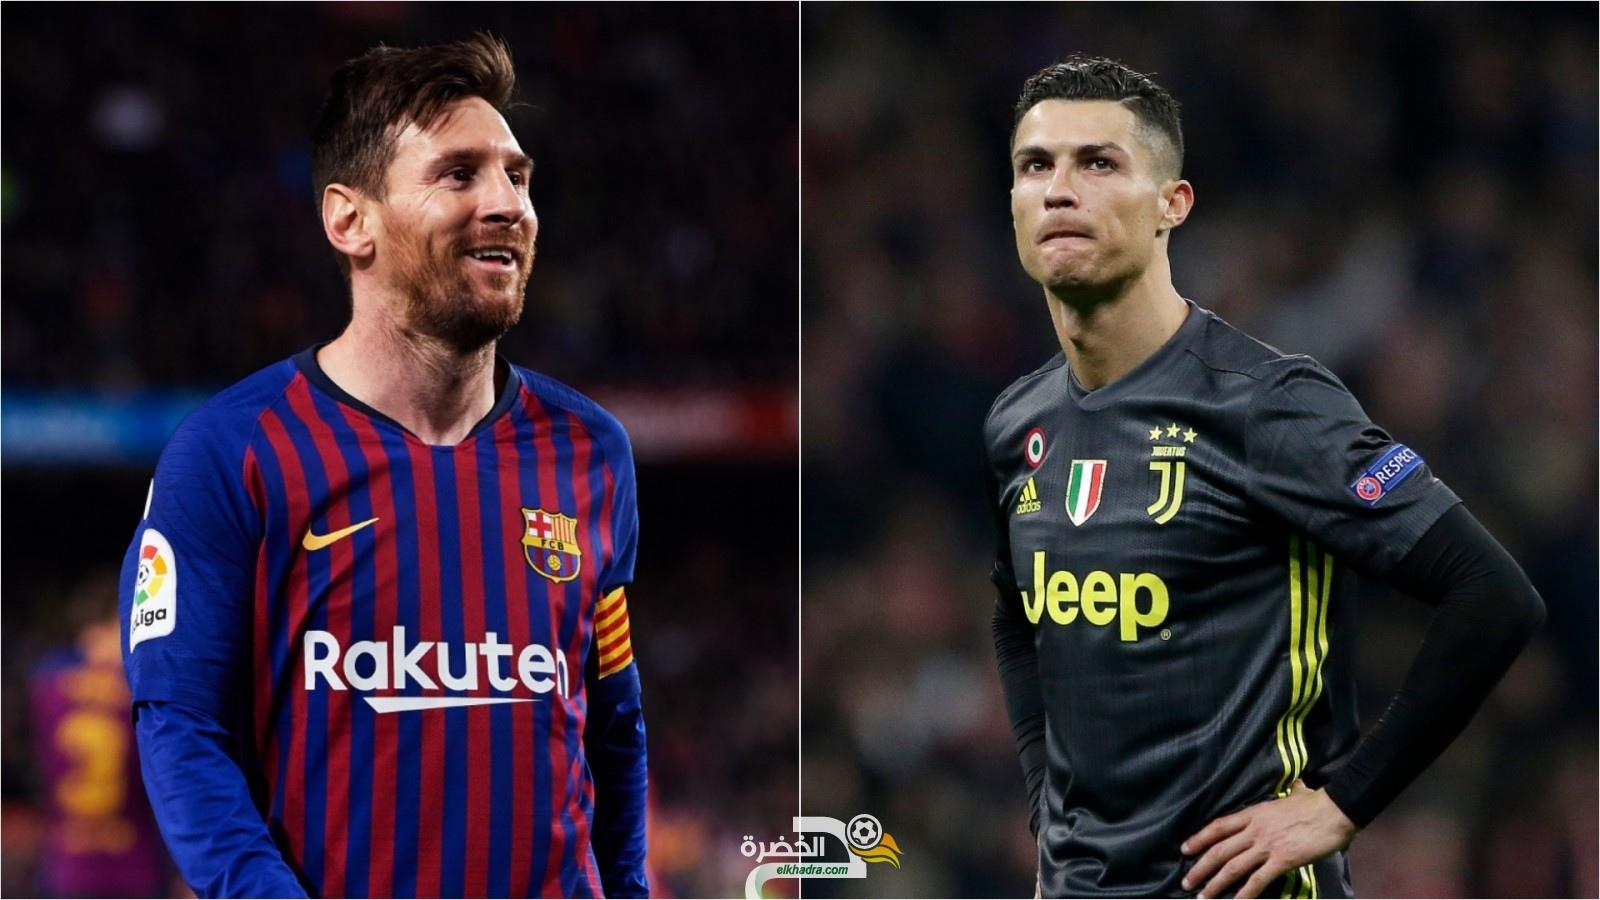 """فان باستن: """"من يقول بأن رونالدو أفضل من ميسي لا يفهم كرة القدم"""" 26"""